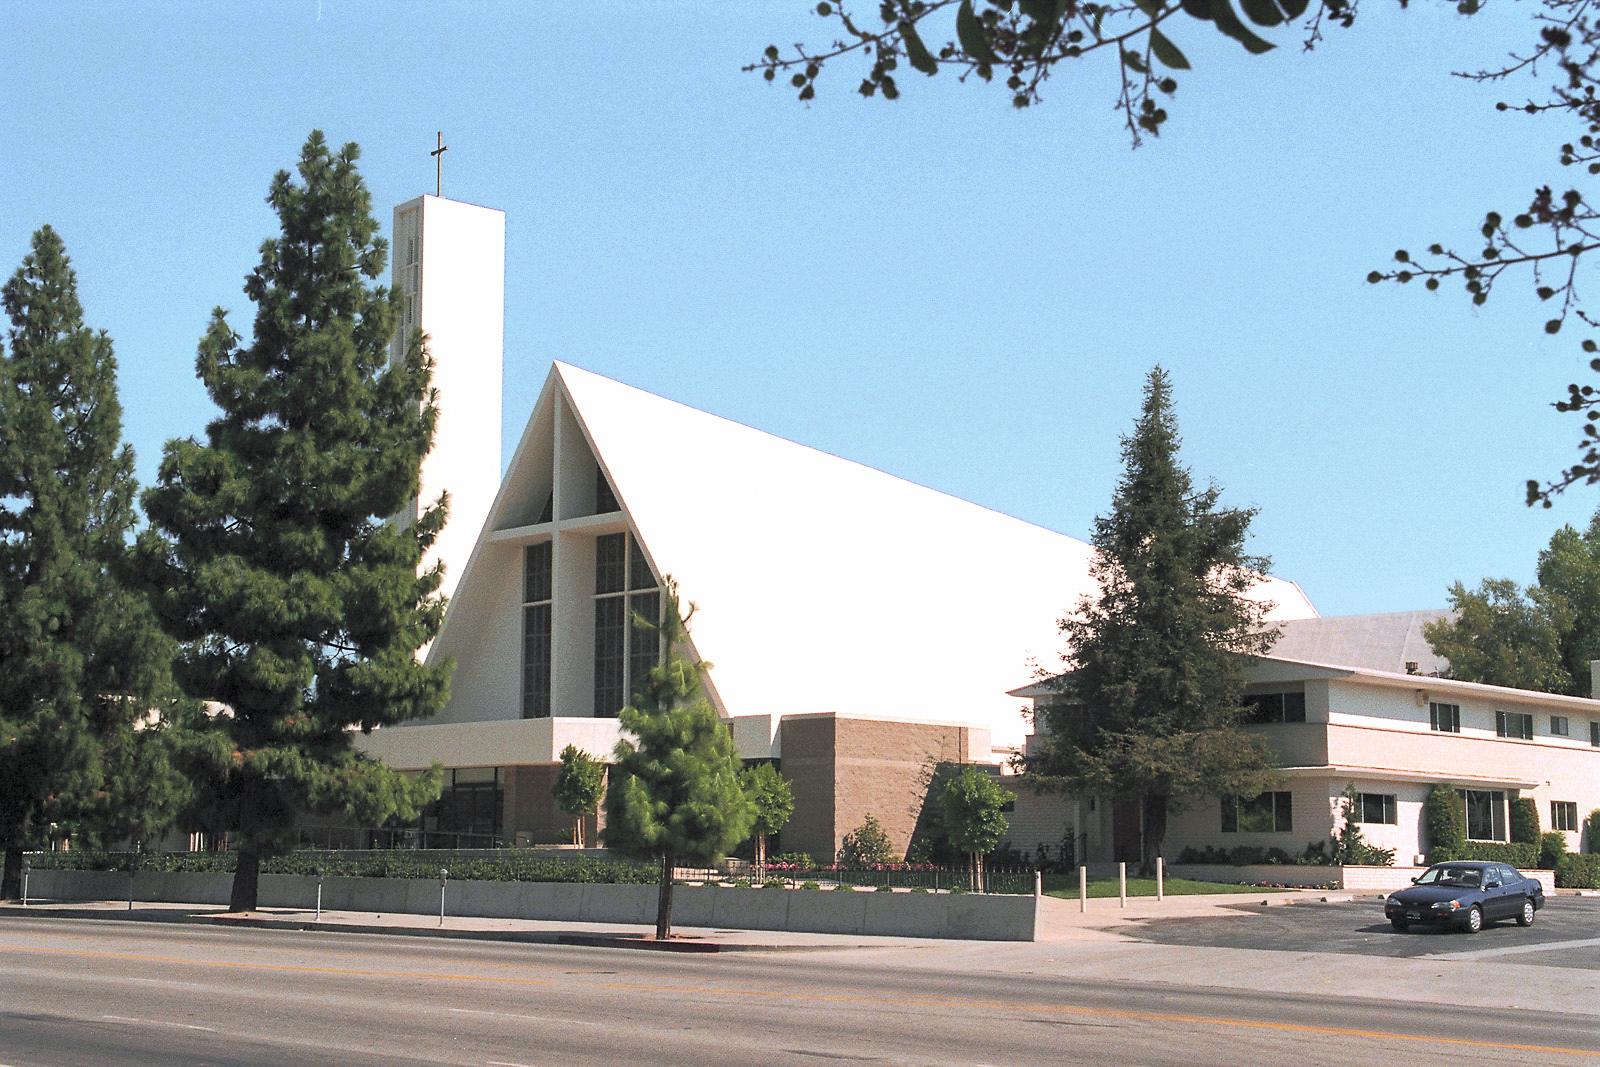 St Mel church